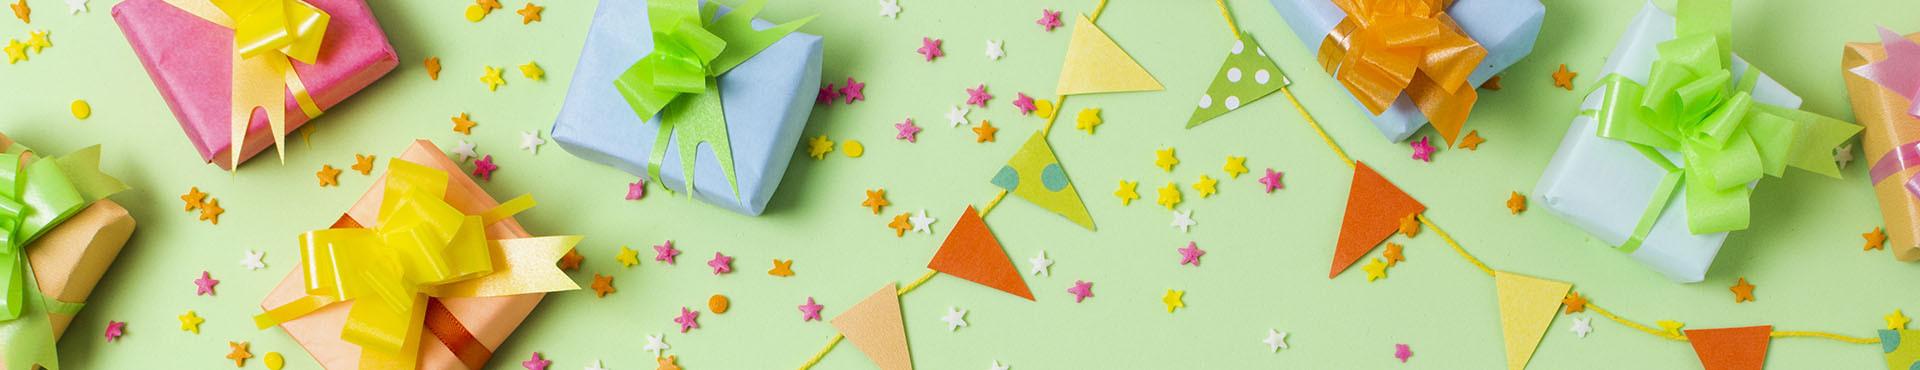 Cumpleaños y fiestas